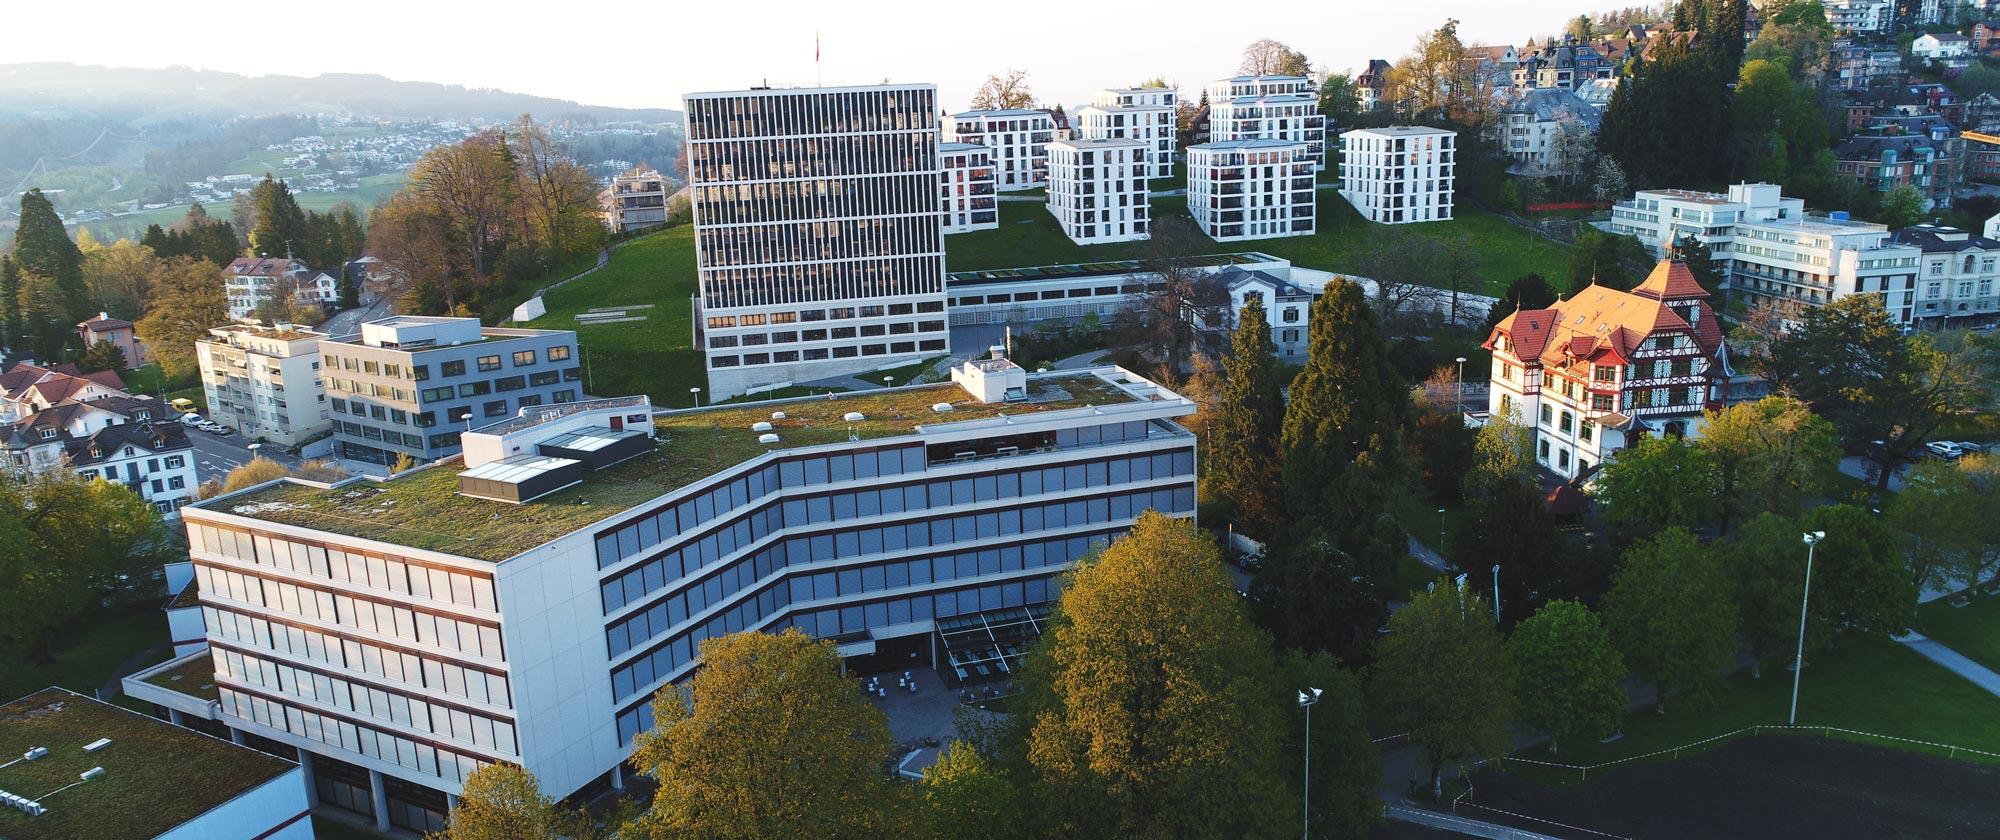 Drohnen Luftaufnahme KBZ St. Gallen